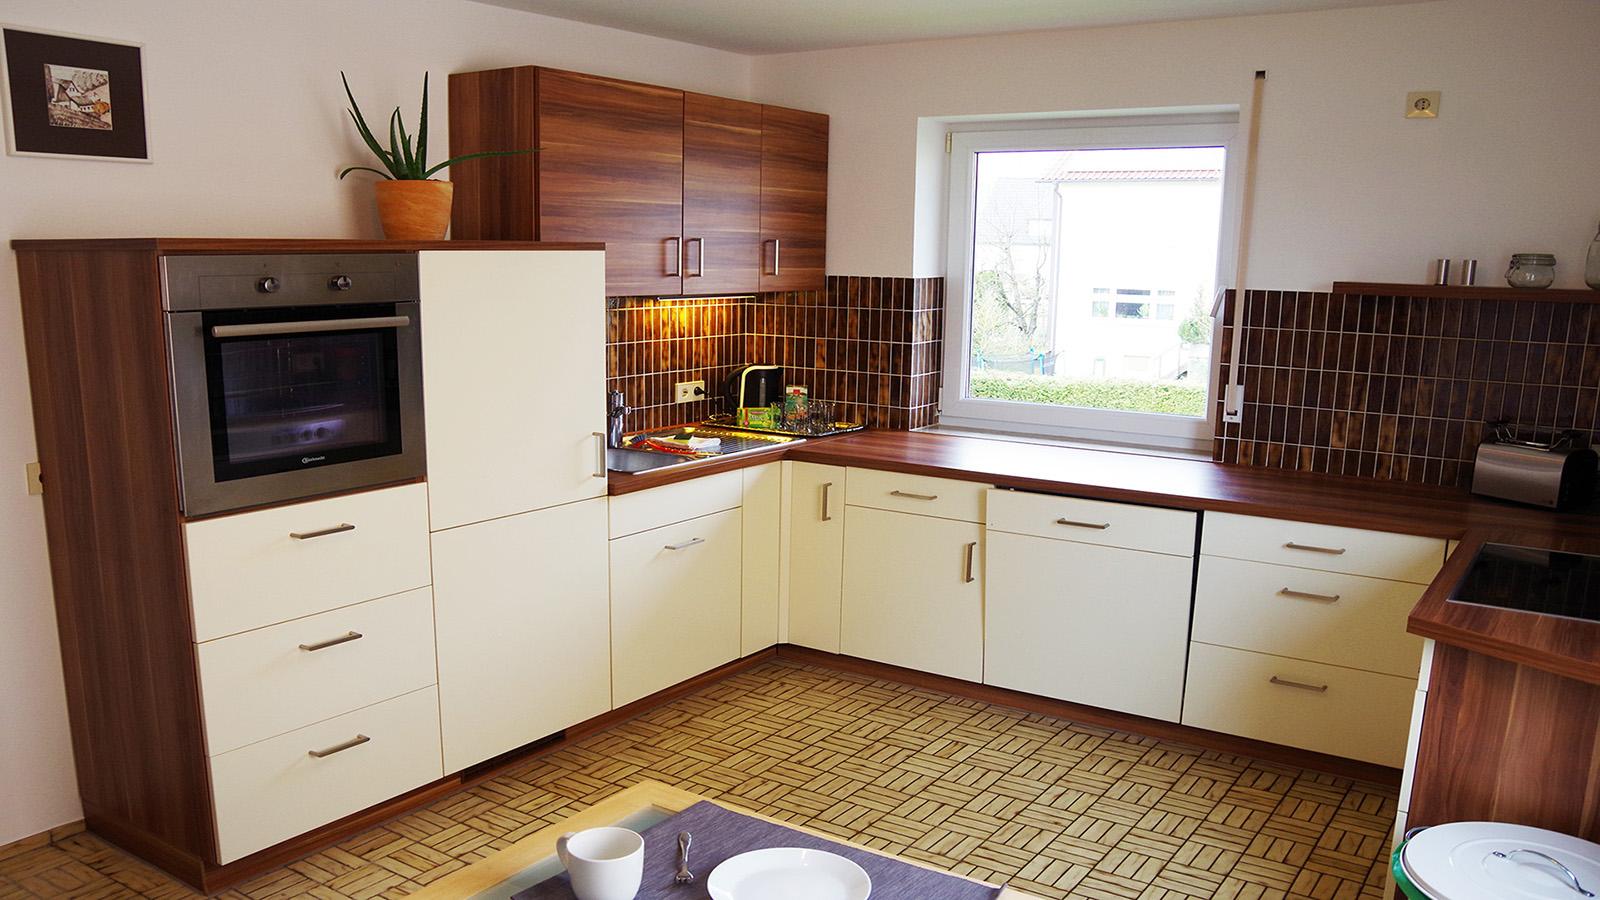 Ferienwohnung am Bodensee: Weitblick - Küche